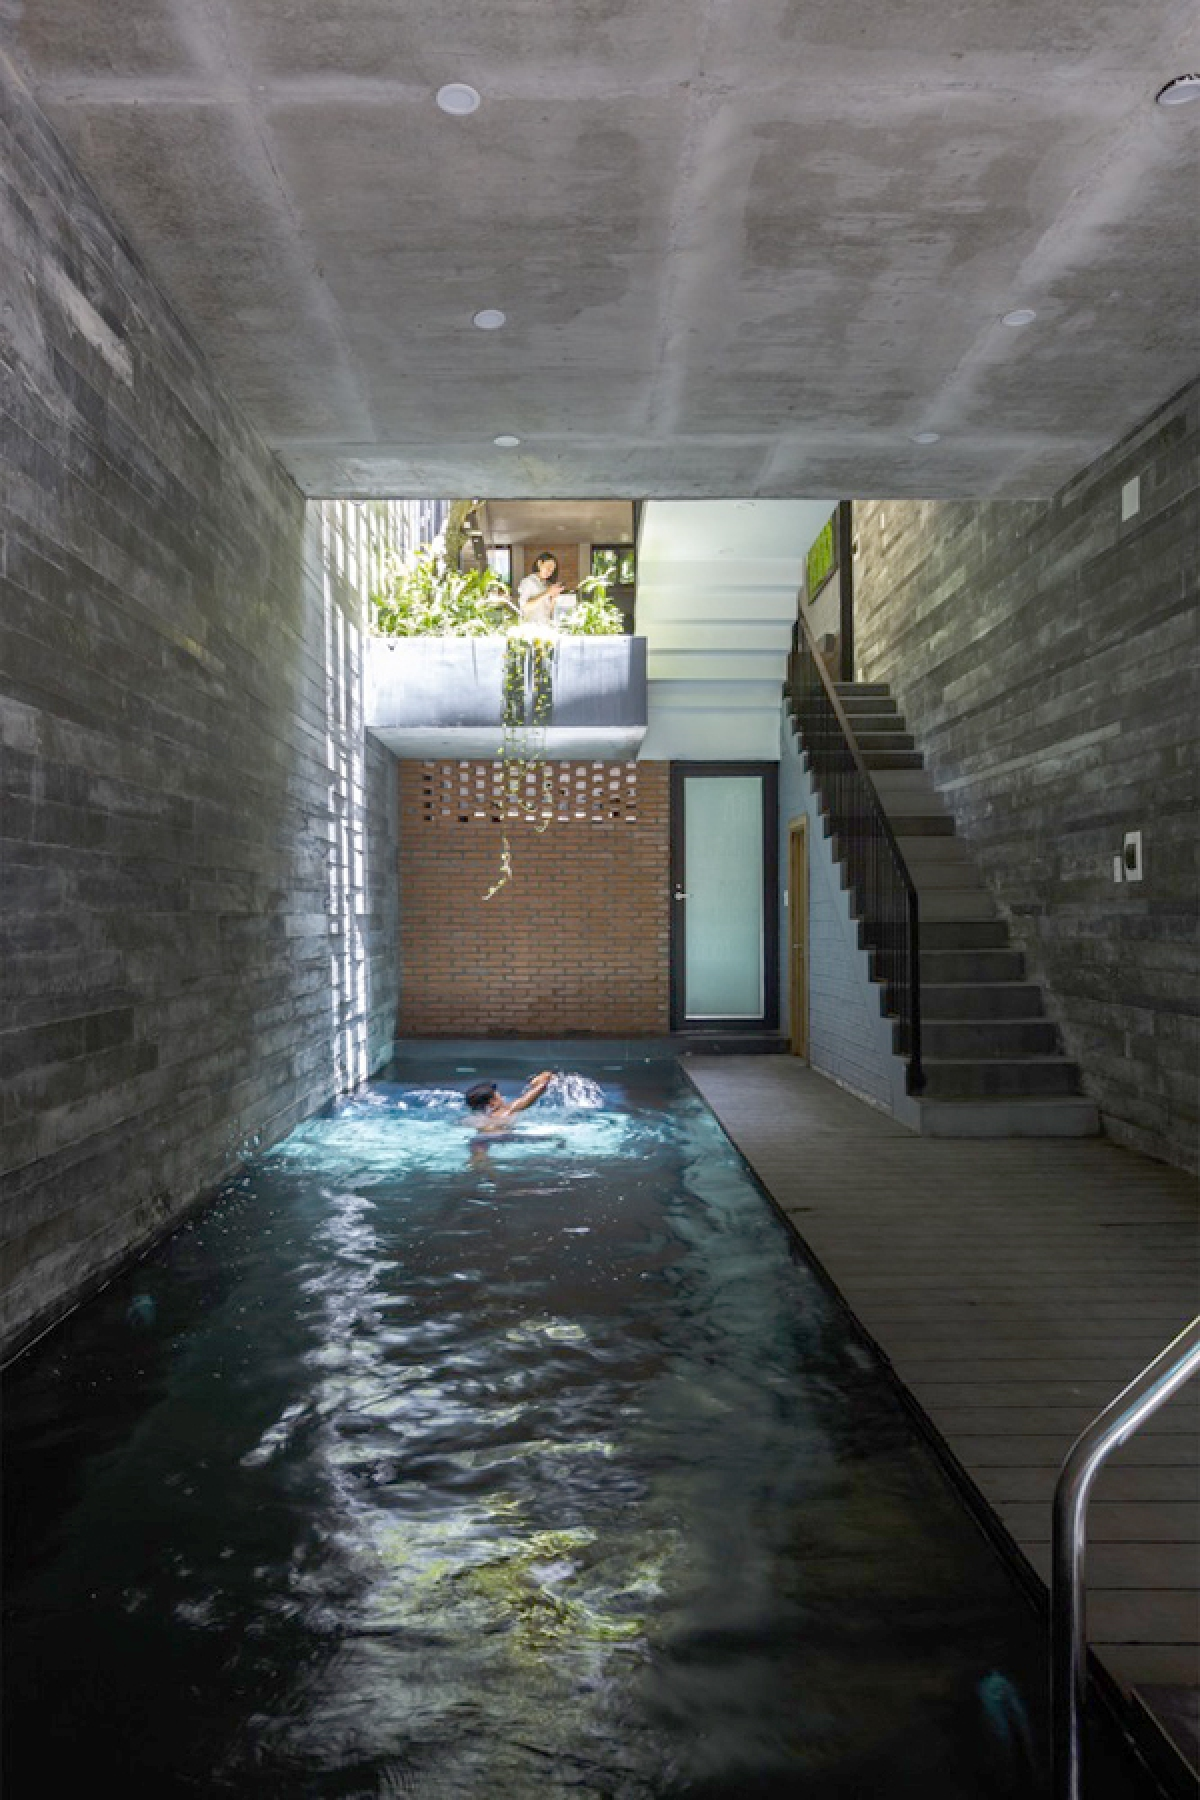 Công trình có quy mô 3 tầng với 3 phòng ngủ. Tuy nhiên diện tích sử dụng là vừa đủ, còn lại diện tích dành cho hồ bơi và cây xanh. Hồ bơi nằm ở tầng 1 với chiều dài 9m; đây không chỉ là nơi giải trí, luyện tập thể thao mà mặt nước còn có tác dụng làm mát không khí.